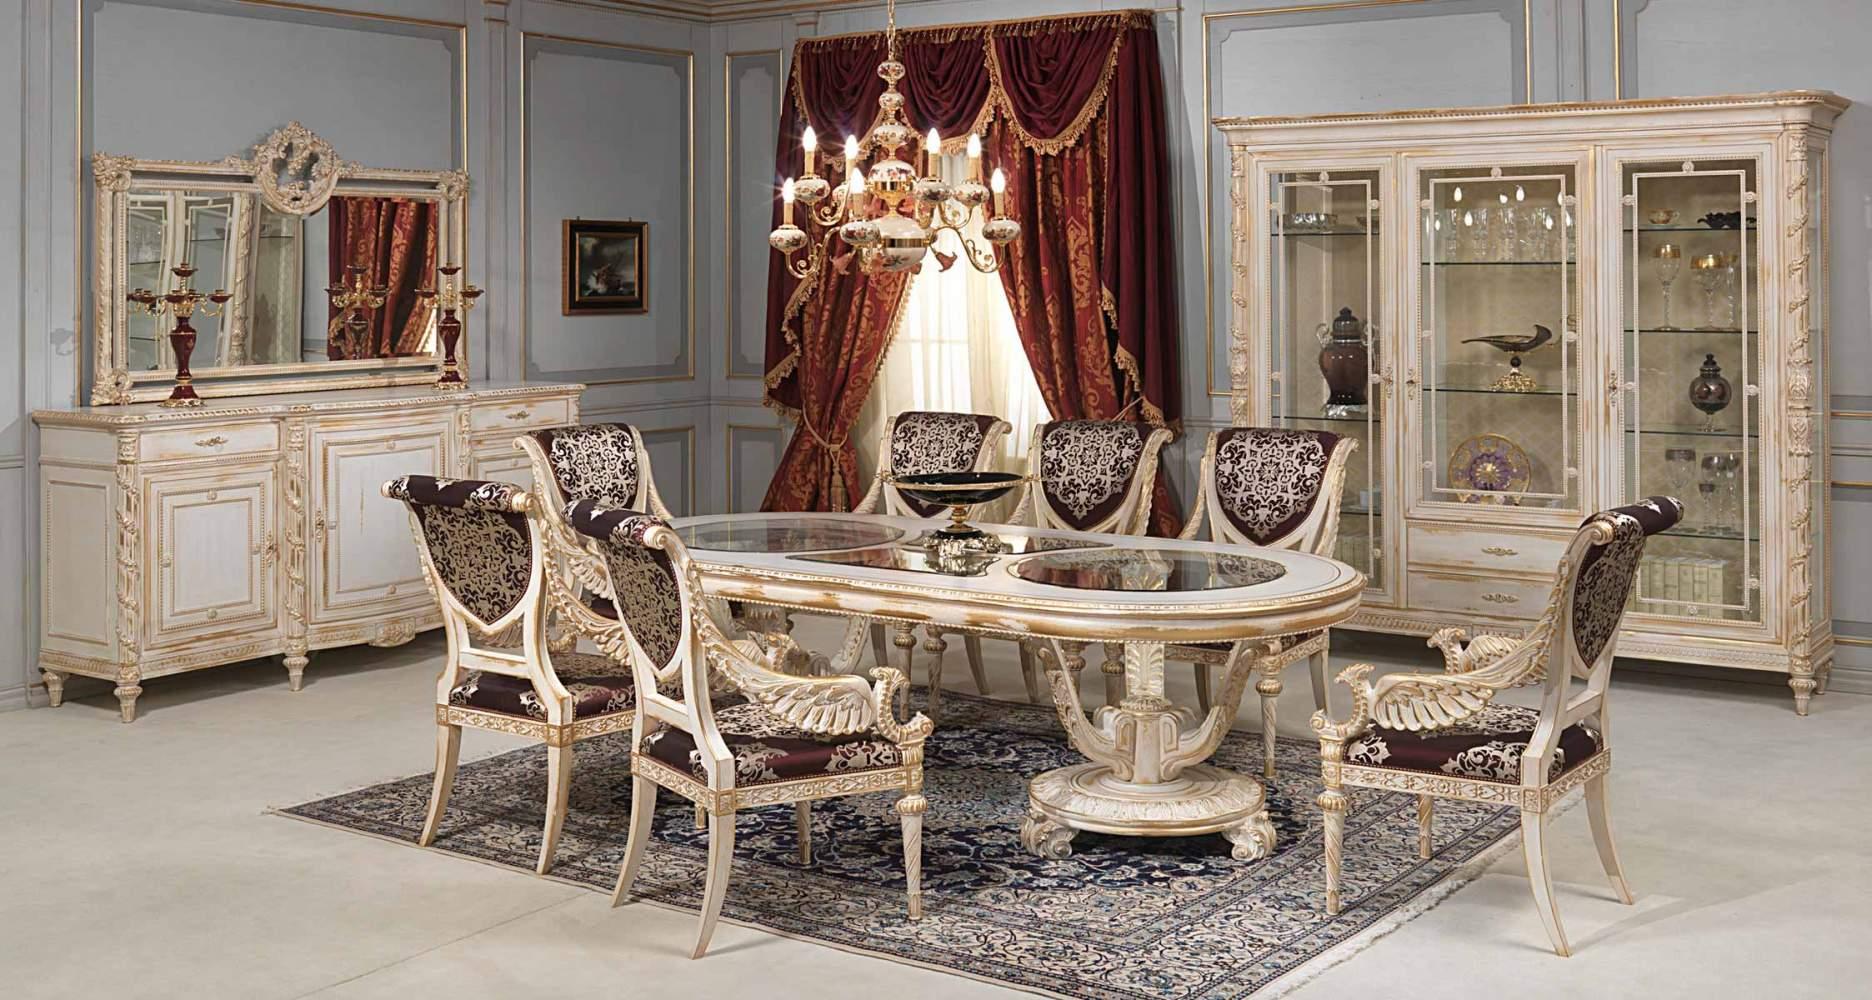 Salle à Manger White And Gold Dans Le Style De Louis XVI